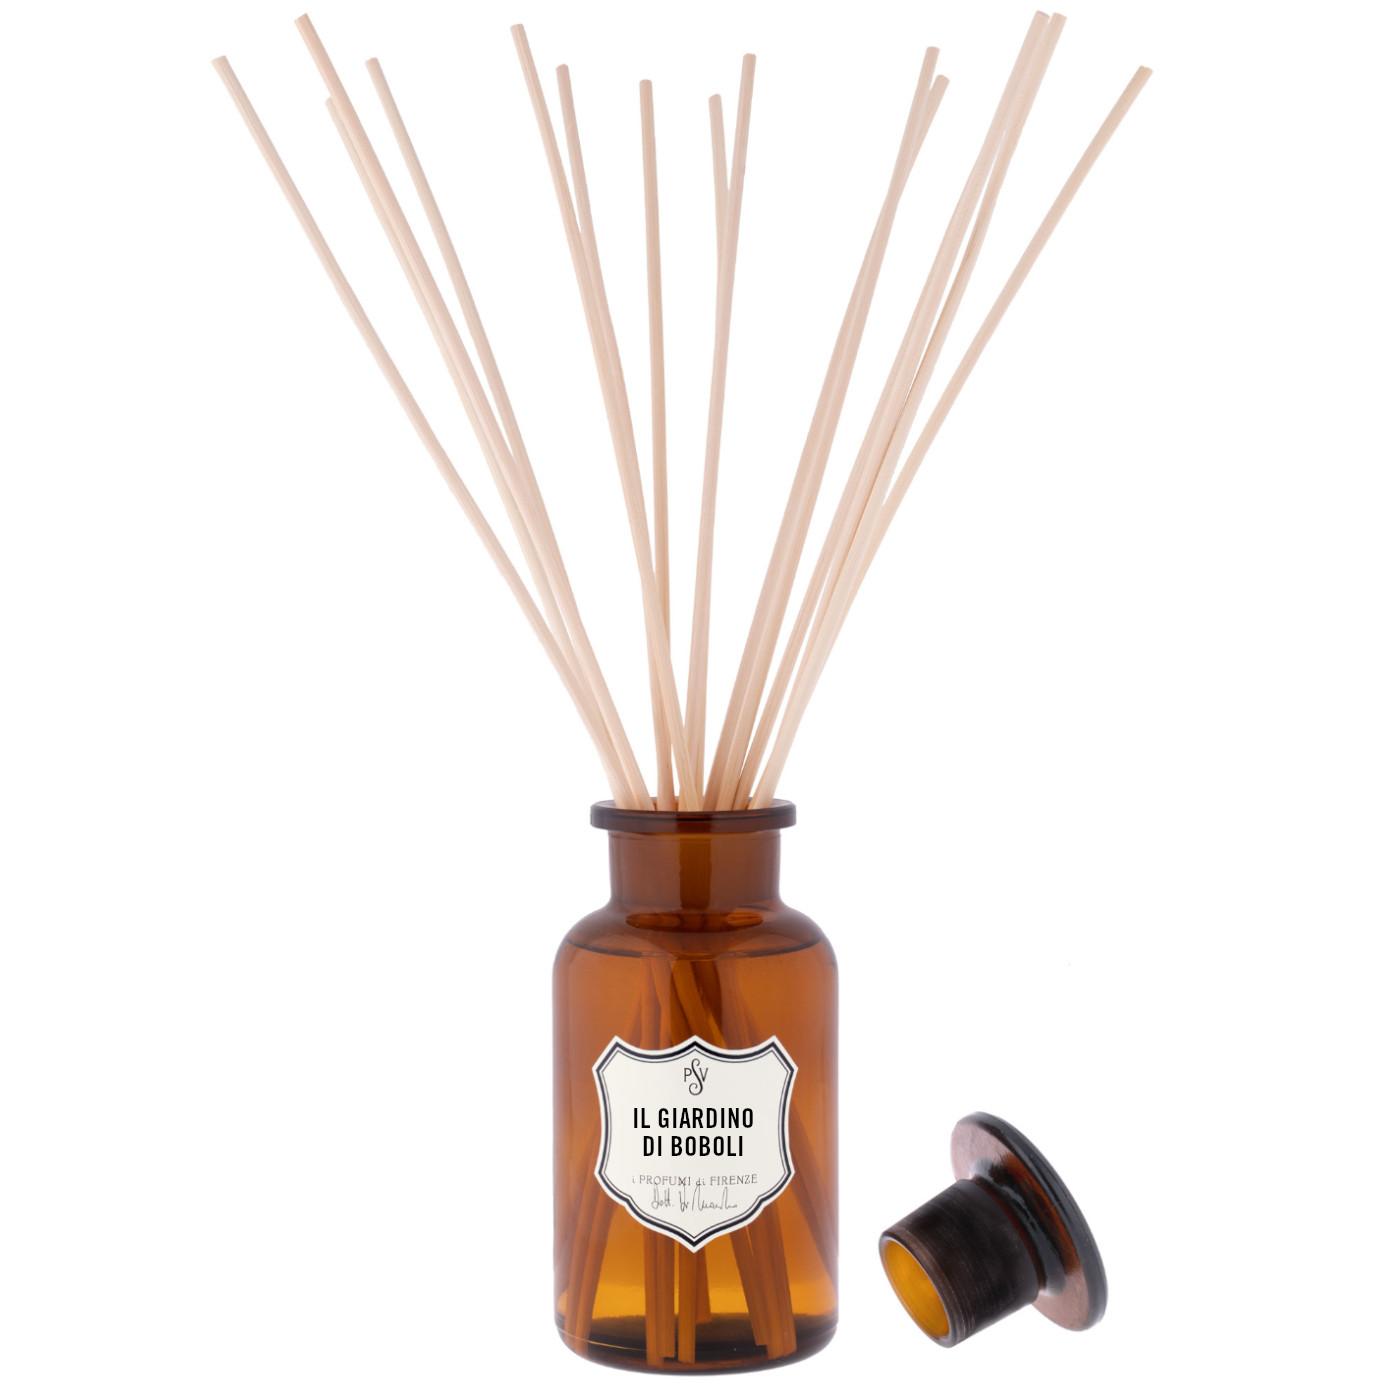 IL GIARDINO DI BOBOLI - Home Fragrance-0